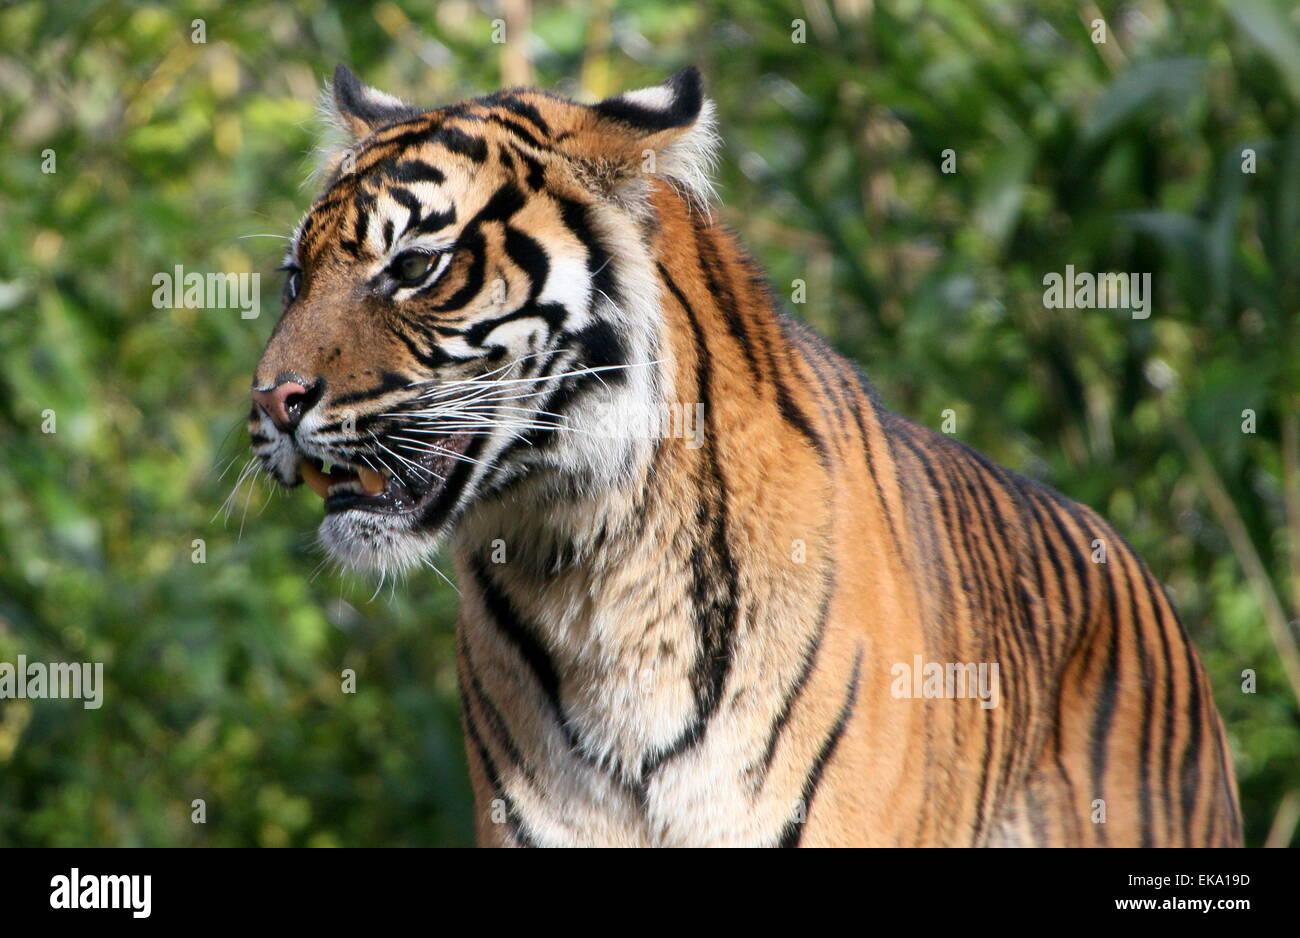 Sumatran tiger (Panthera tigris sumatrae) in closeup - Stock Image